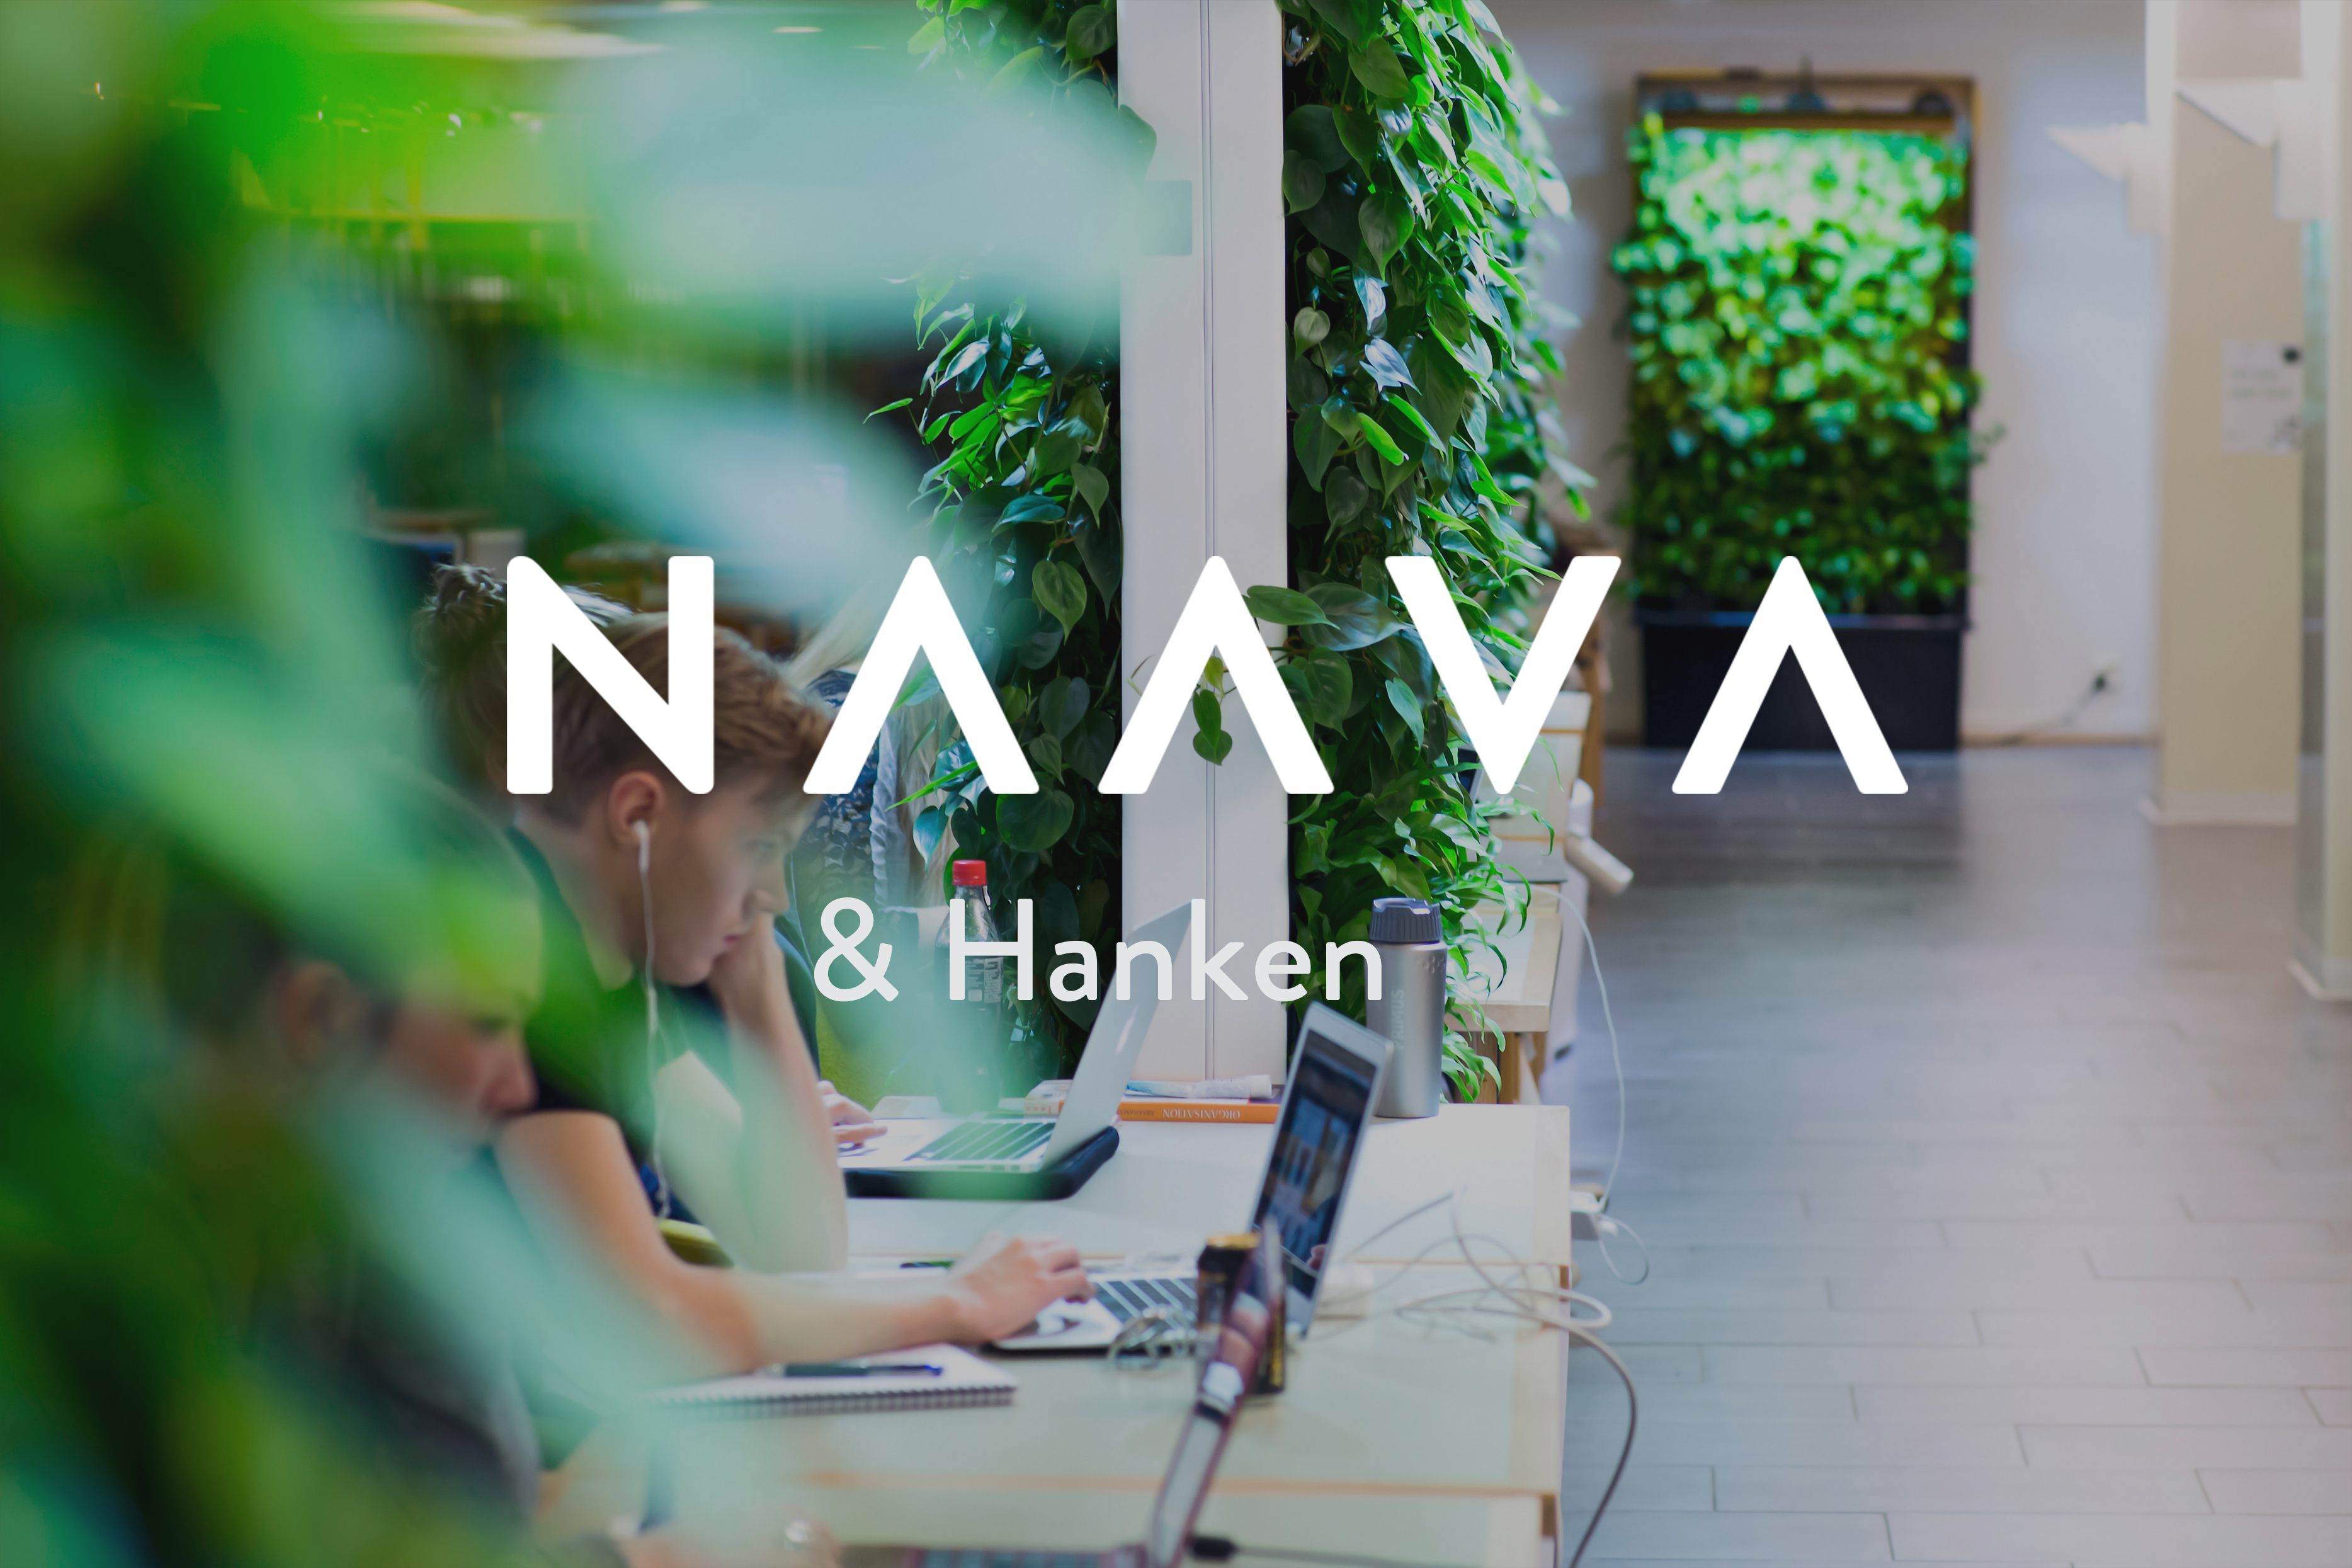 Naava & Hanken